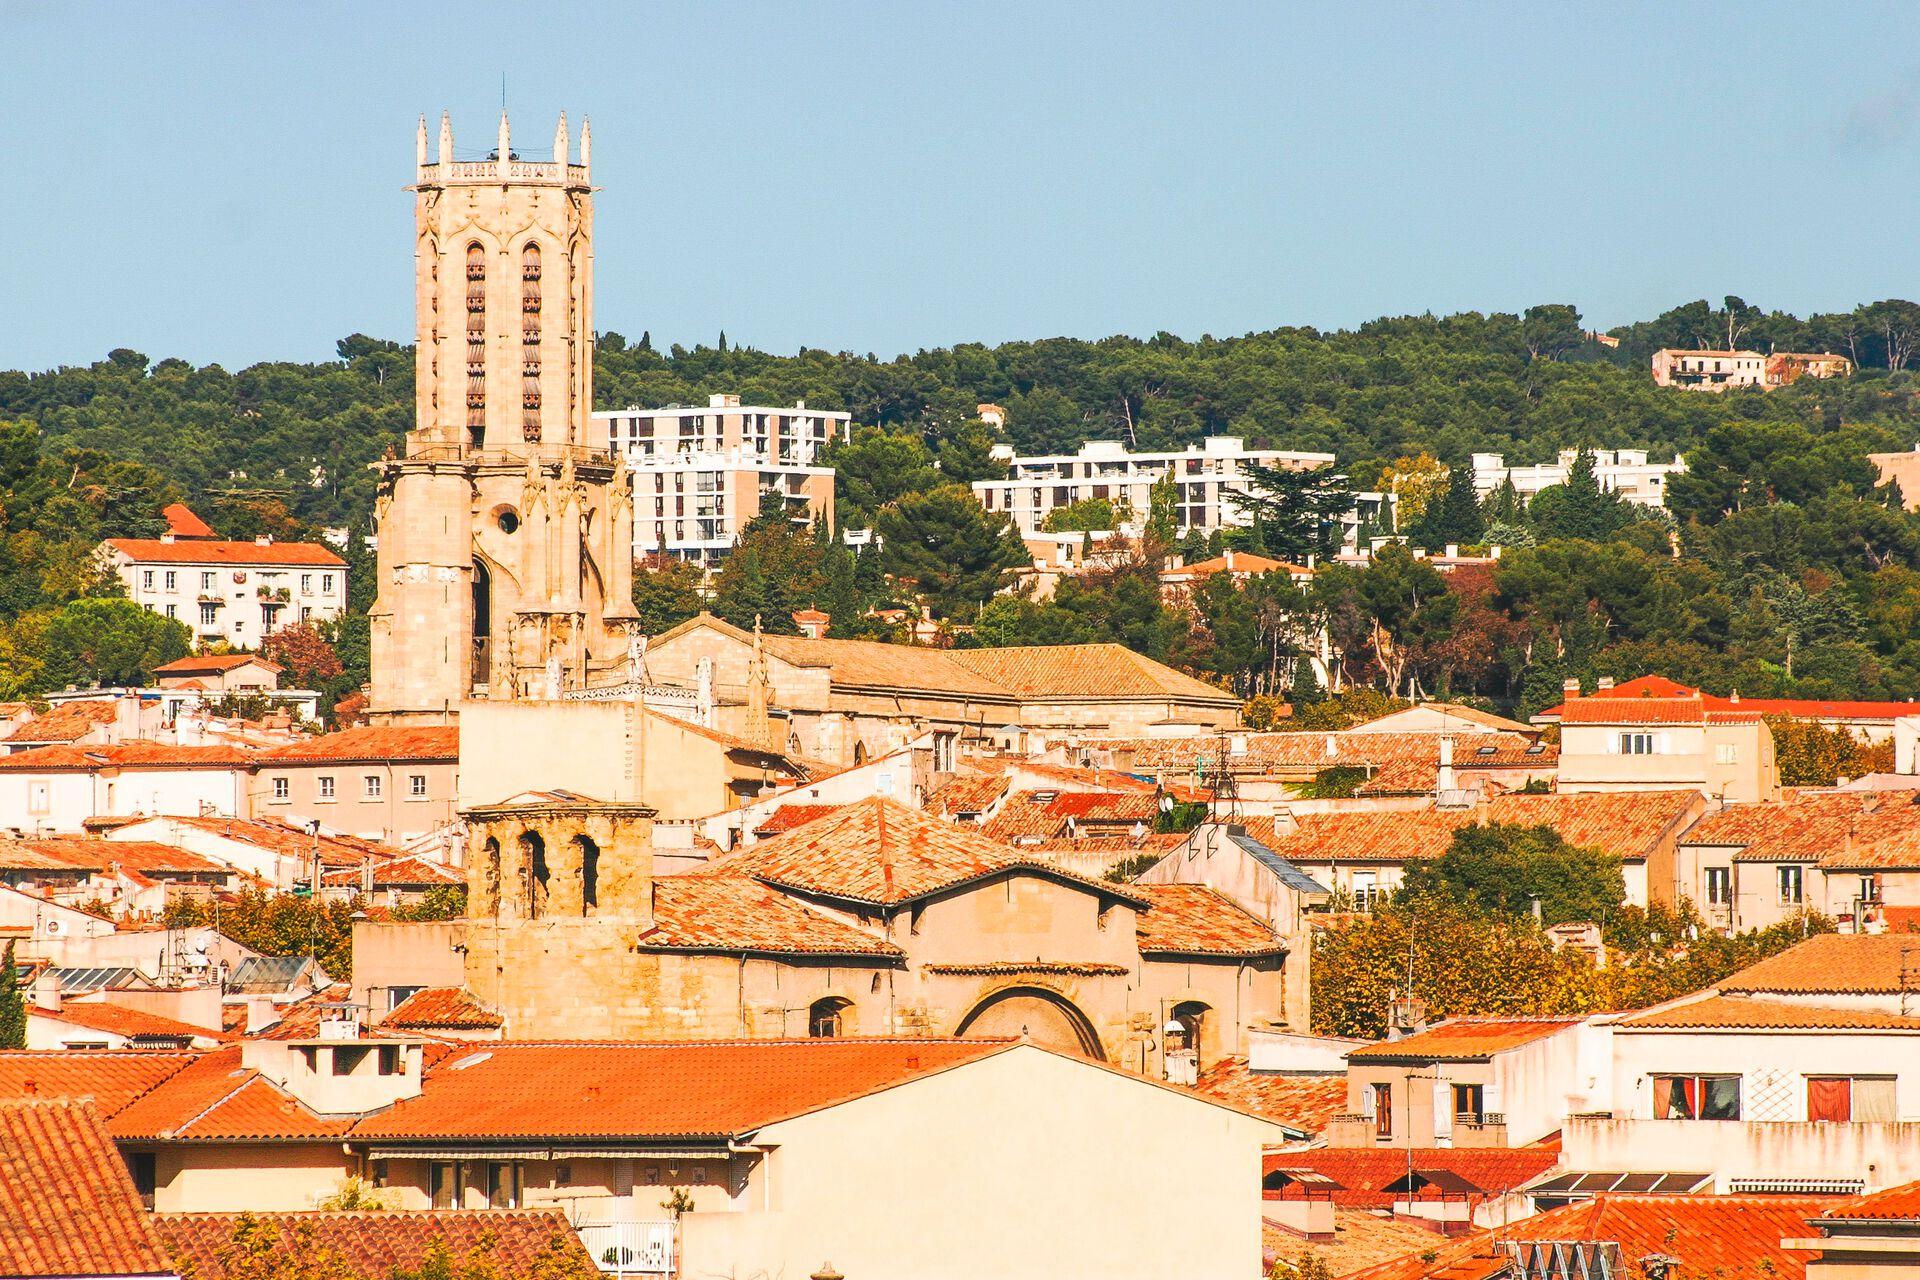 Rundreise Côte d'Azur & Provence - Aix-en-Provence